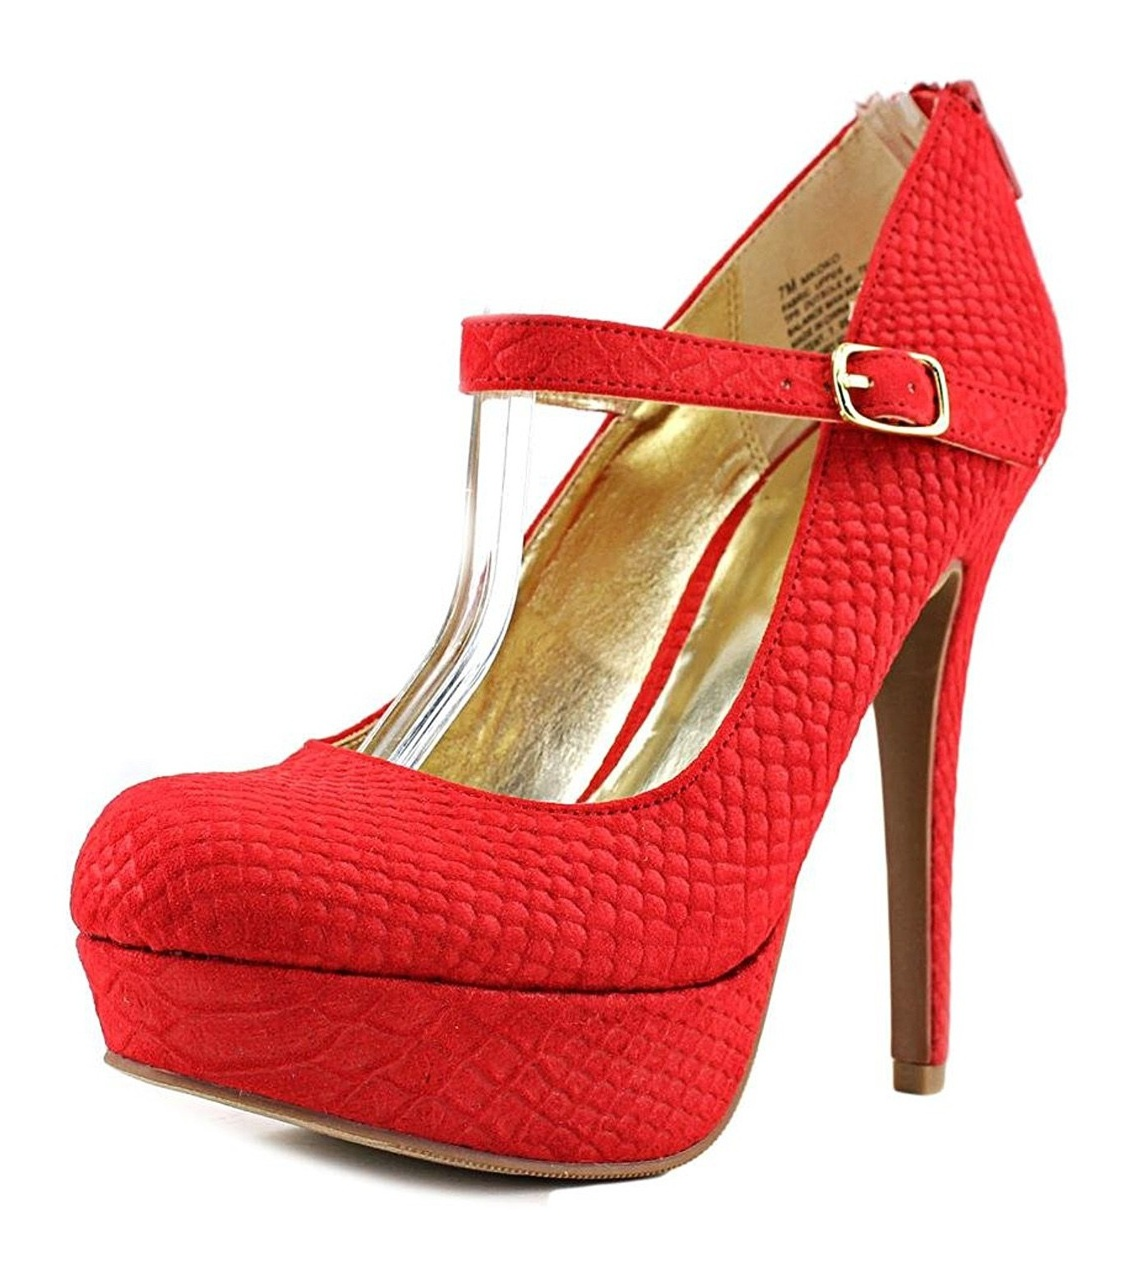 Details about  /Ladies High-heels Pumps Shoes Rubber Sole Zipper Closure Platform Fashions Style